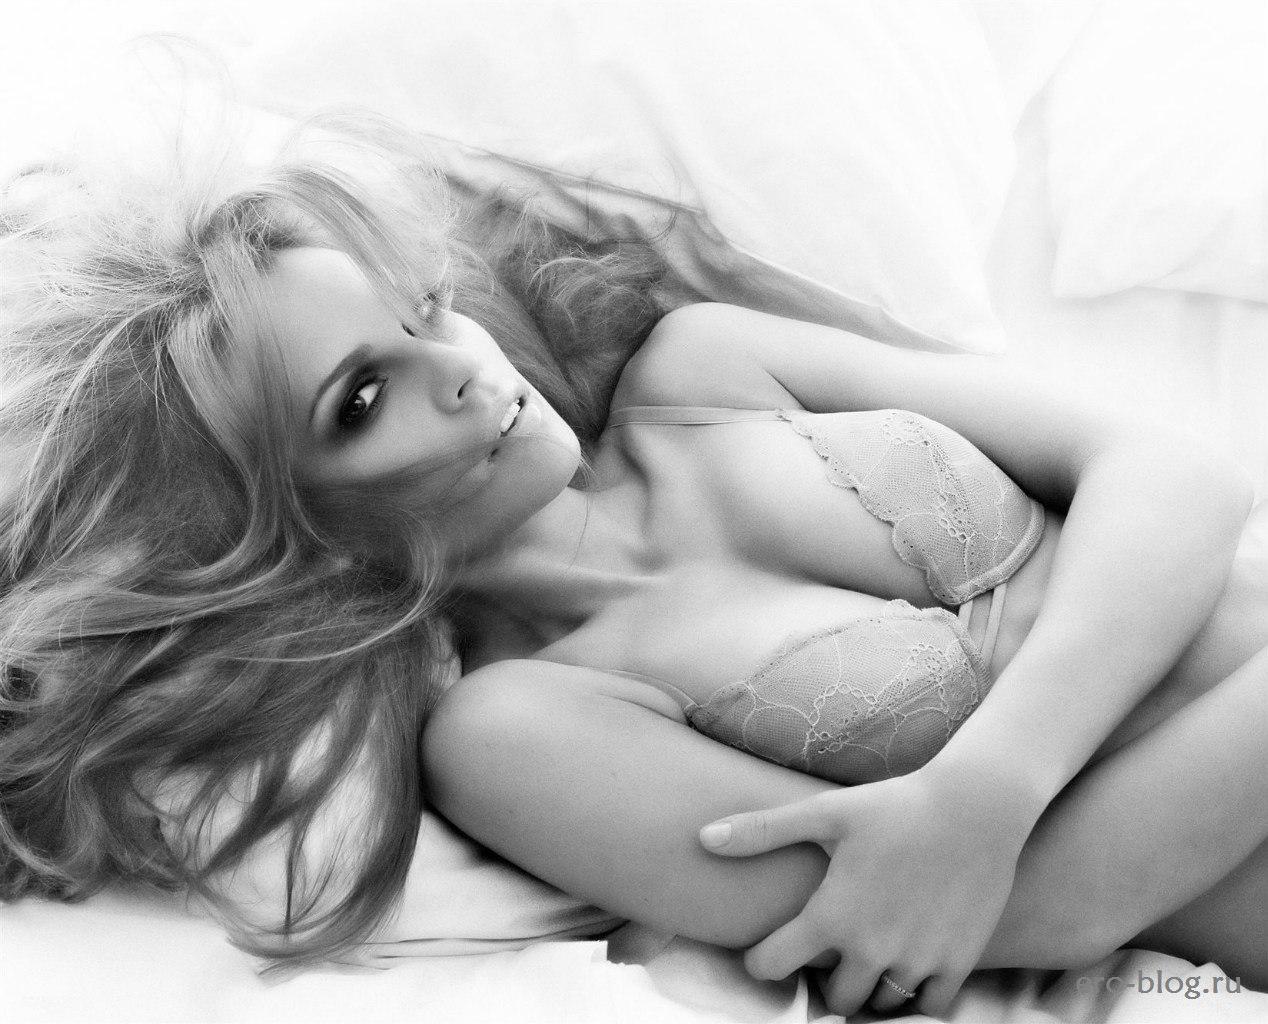 Голая обнаженная Хилари Суонк интимные фото звезды